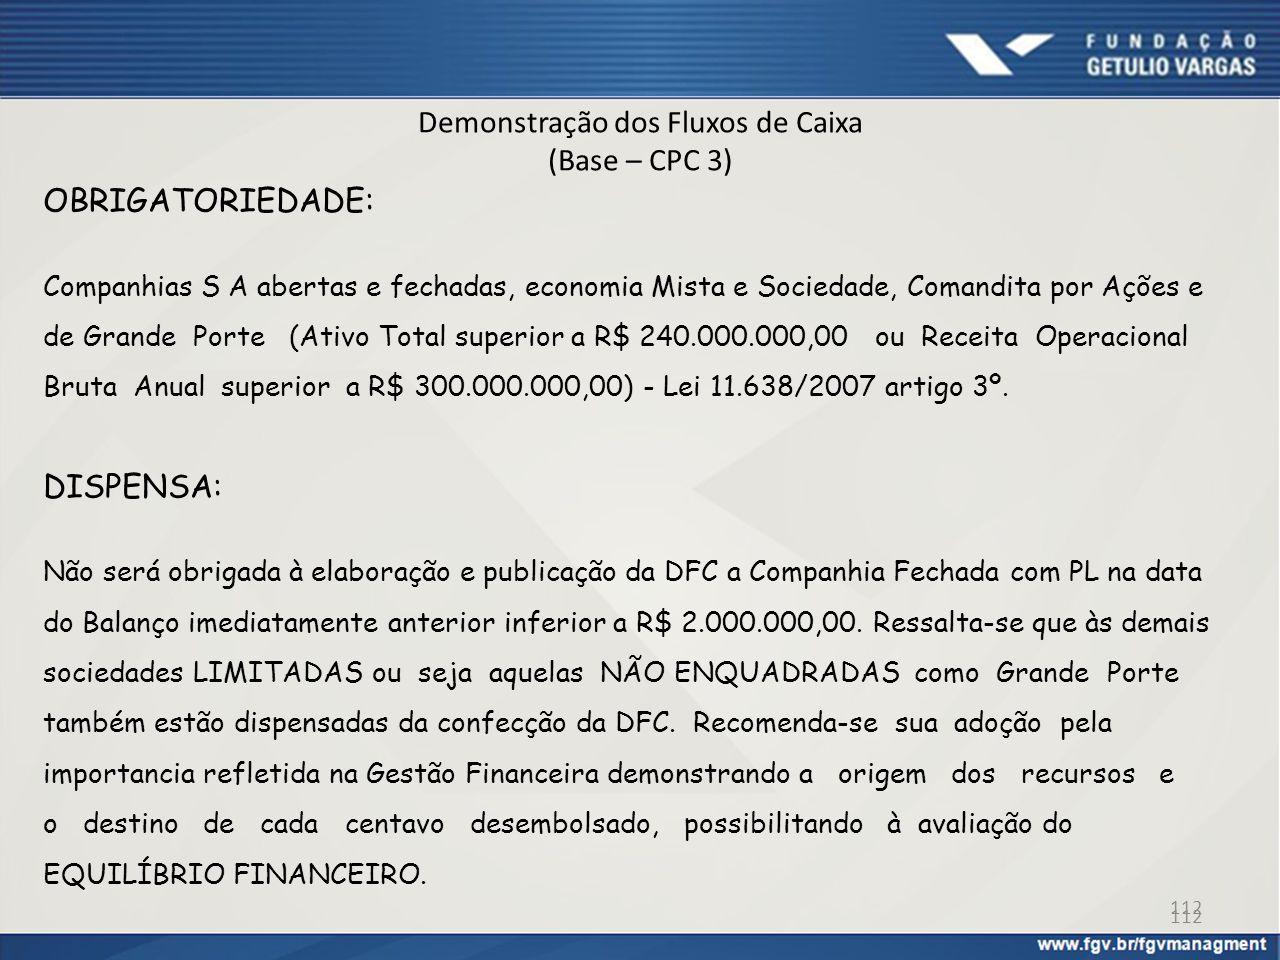 Demonstração dos Fluxos de Caixa (Base – CPC 3) OBRIGATORIEDADE: Companhias S A abertas e fechadas, economia Mista e Sociedade, Comandita por Ações e